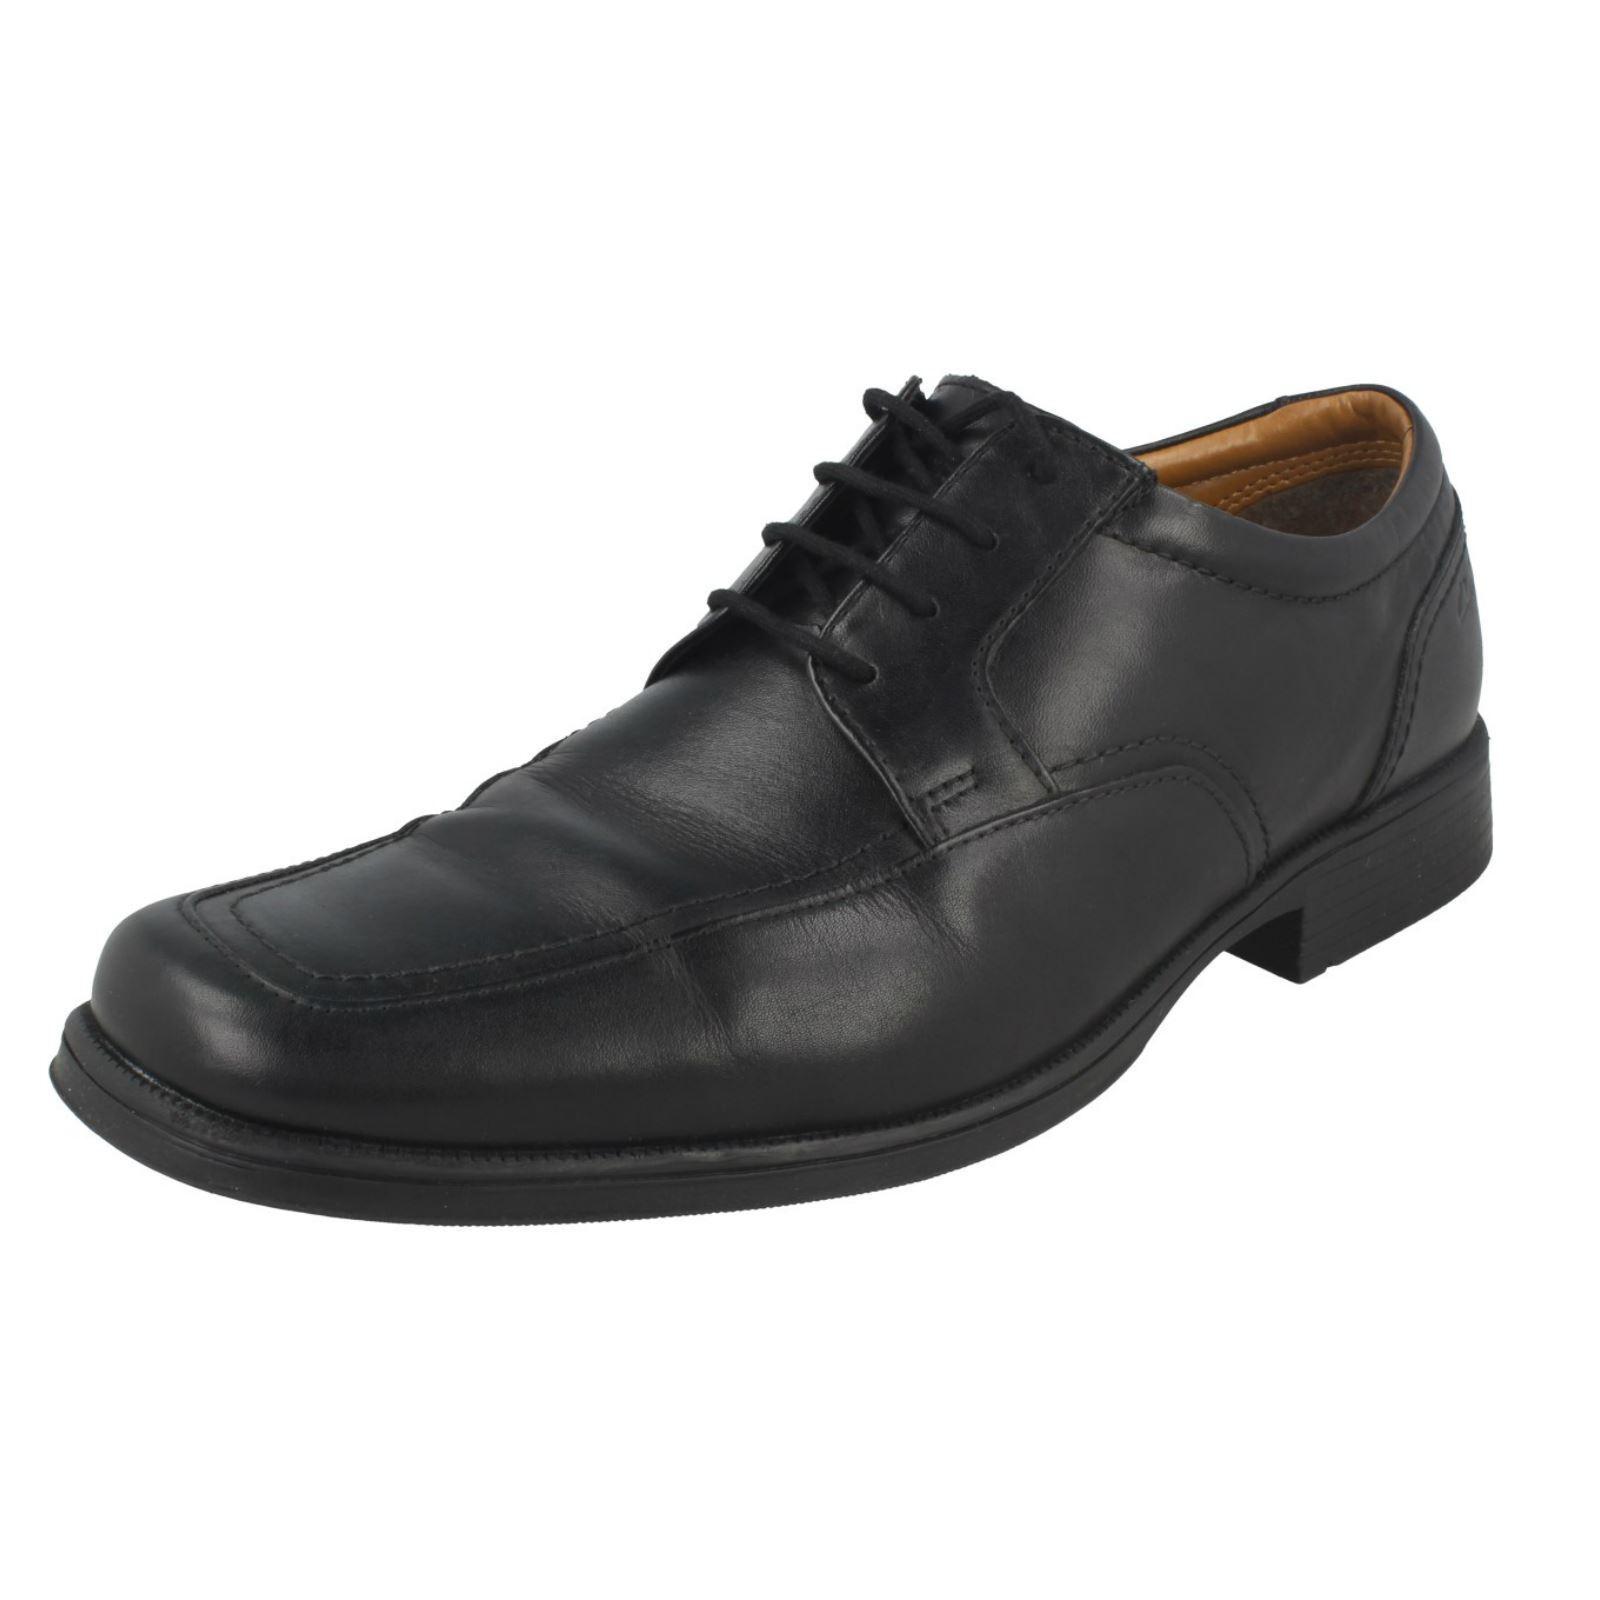 Billig hohe Qualität Mens Clarks Huckley Spring Shoes